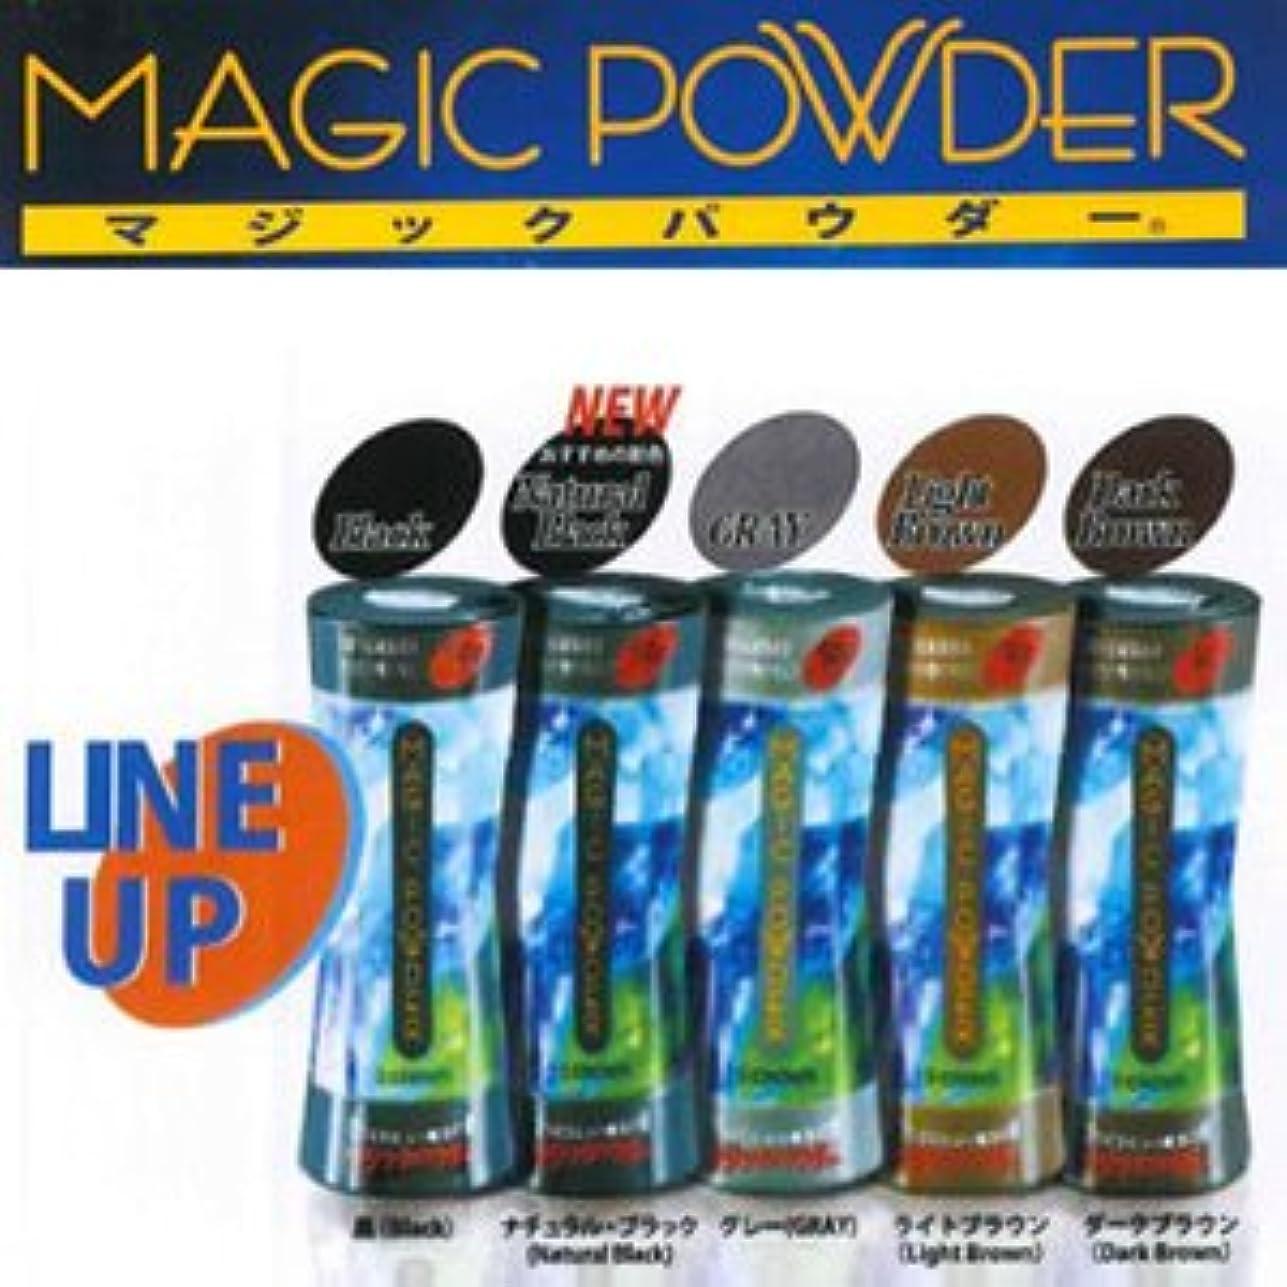 素晴らしさ勝利した拷問MAGIC POWDER マジックパウダー ライトブラウン 50g 2個セット ※貴方の髪を簡単ボリュームアップ!